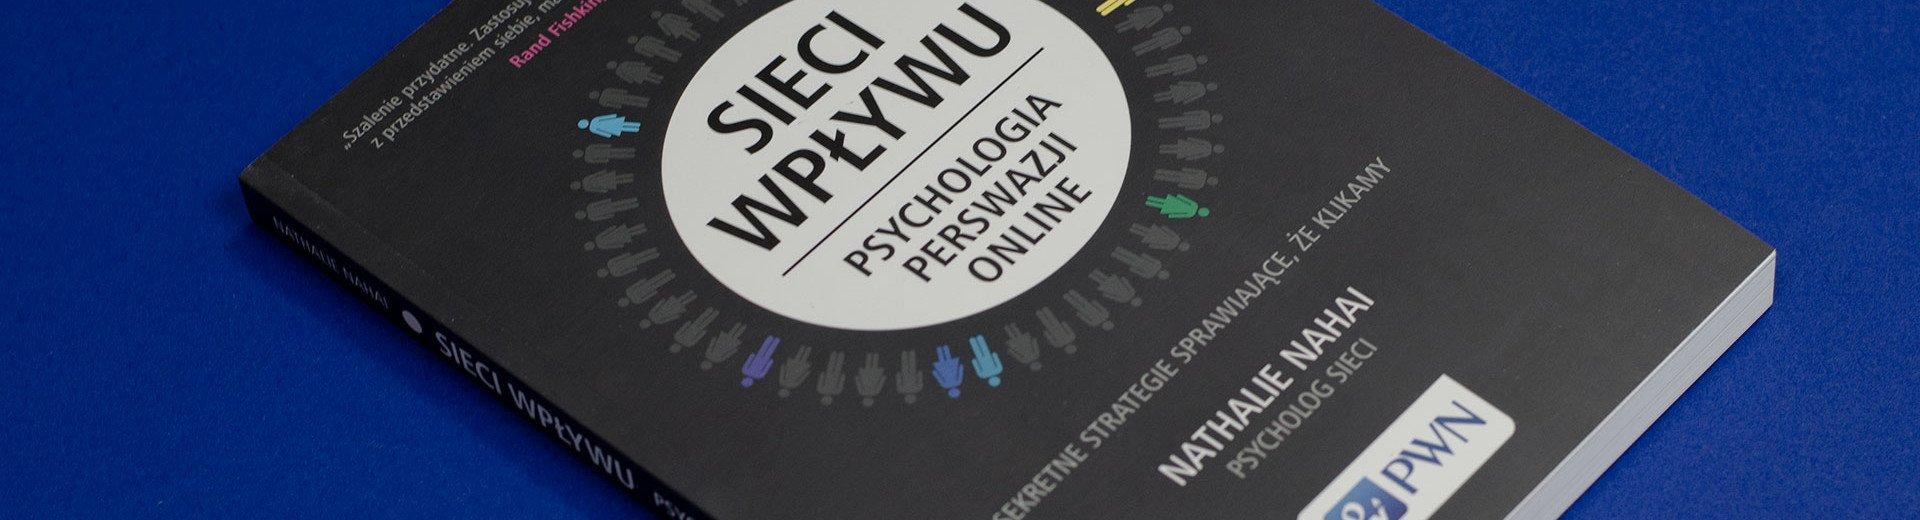 Okładka artykułu Sieci wpływu – psychologia perswazji online — Recenzja książki Nathalie Nahali